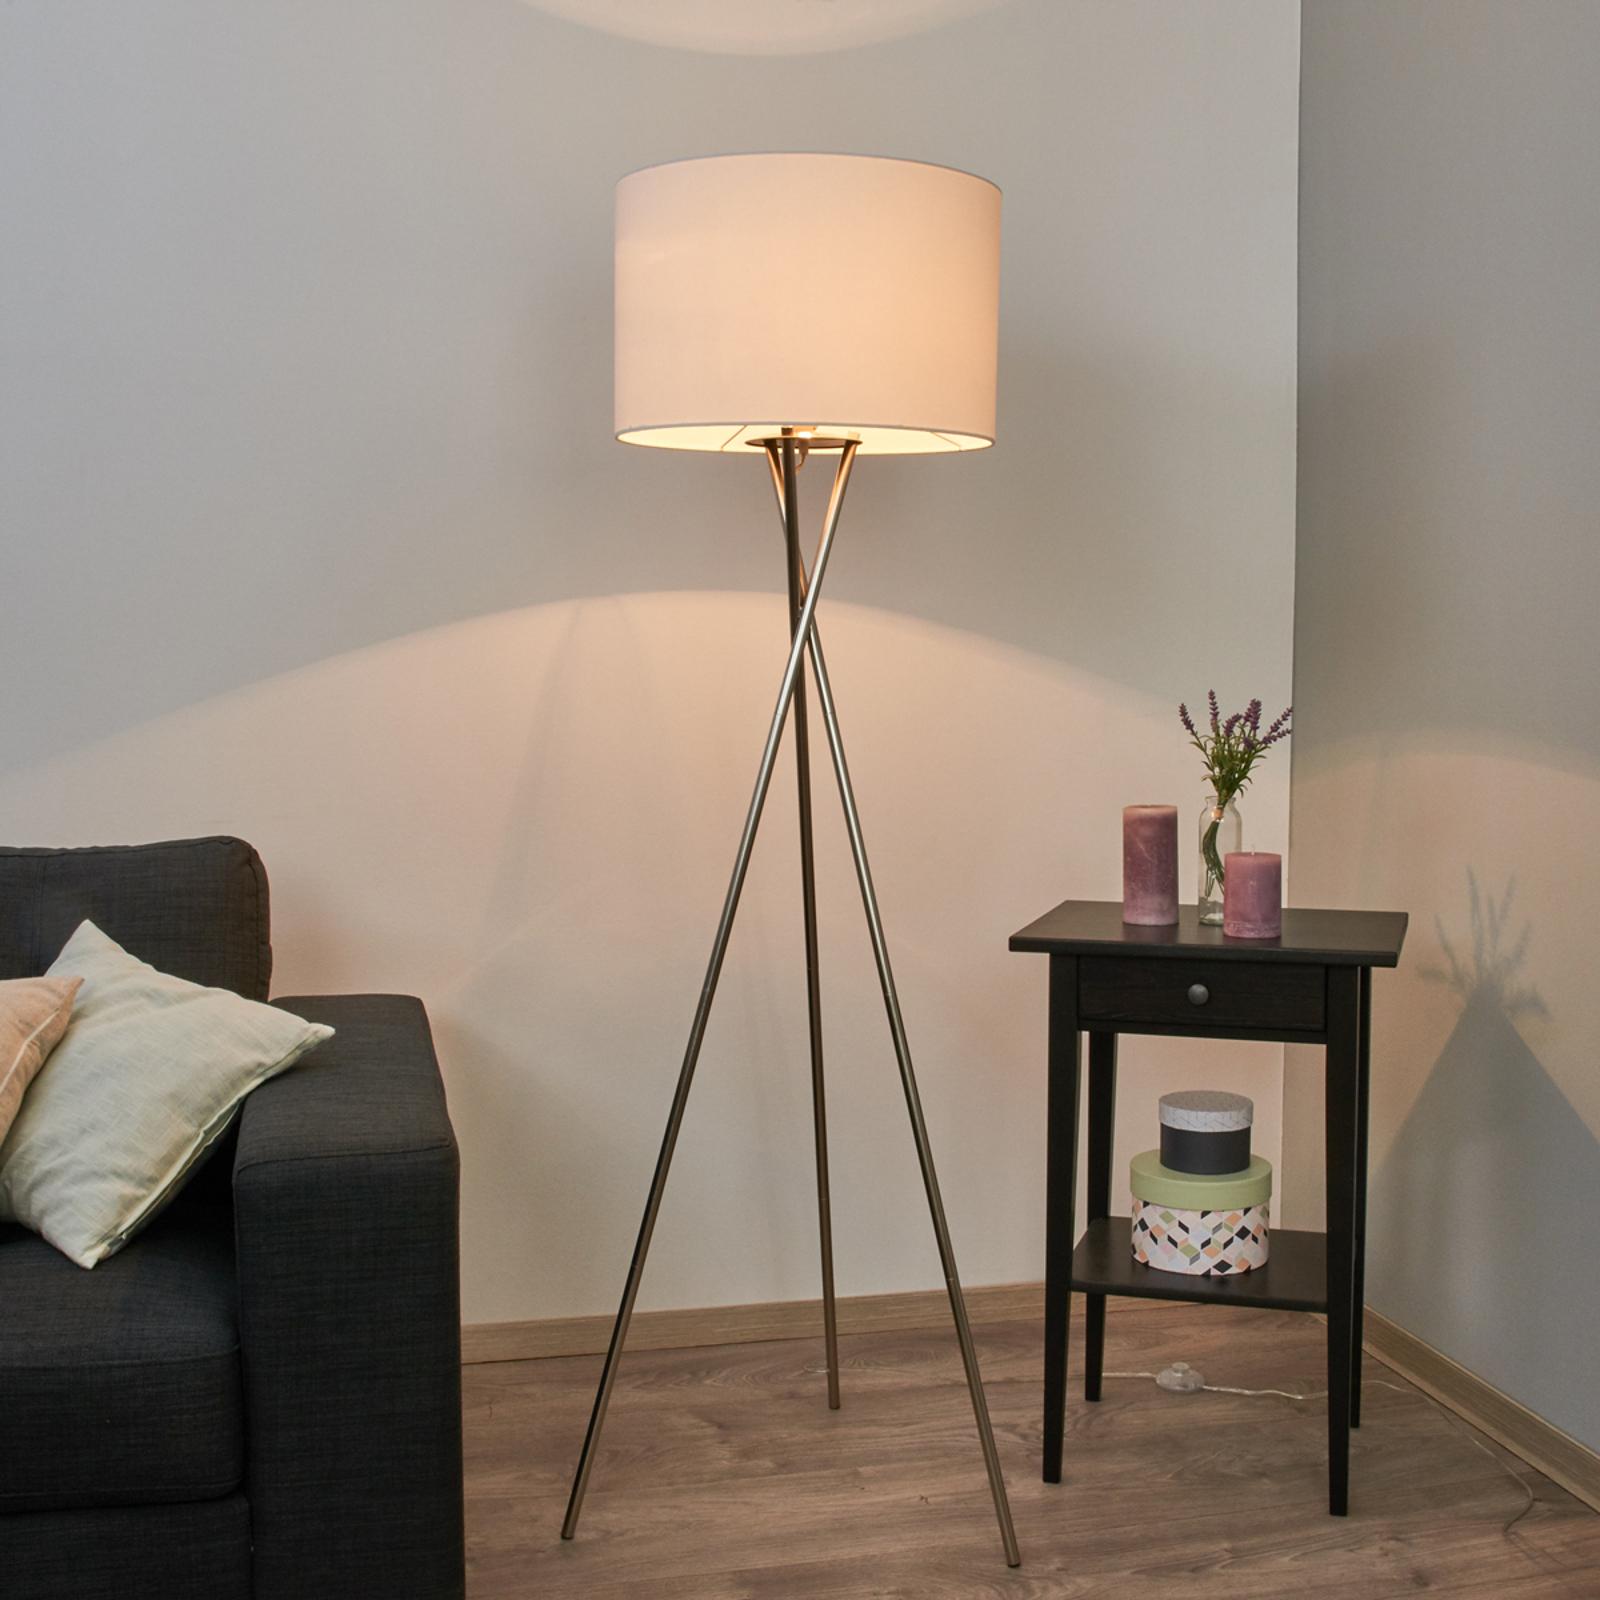 Driepoots staande lamp Fiby met witte stoffen kap